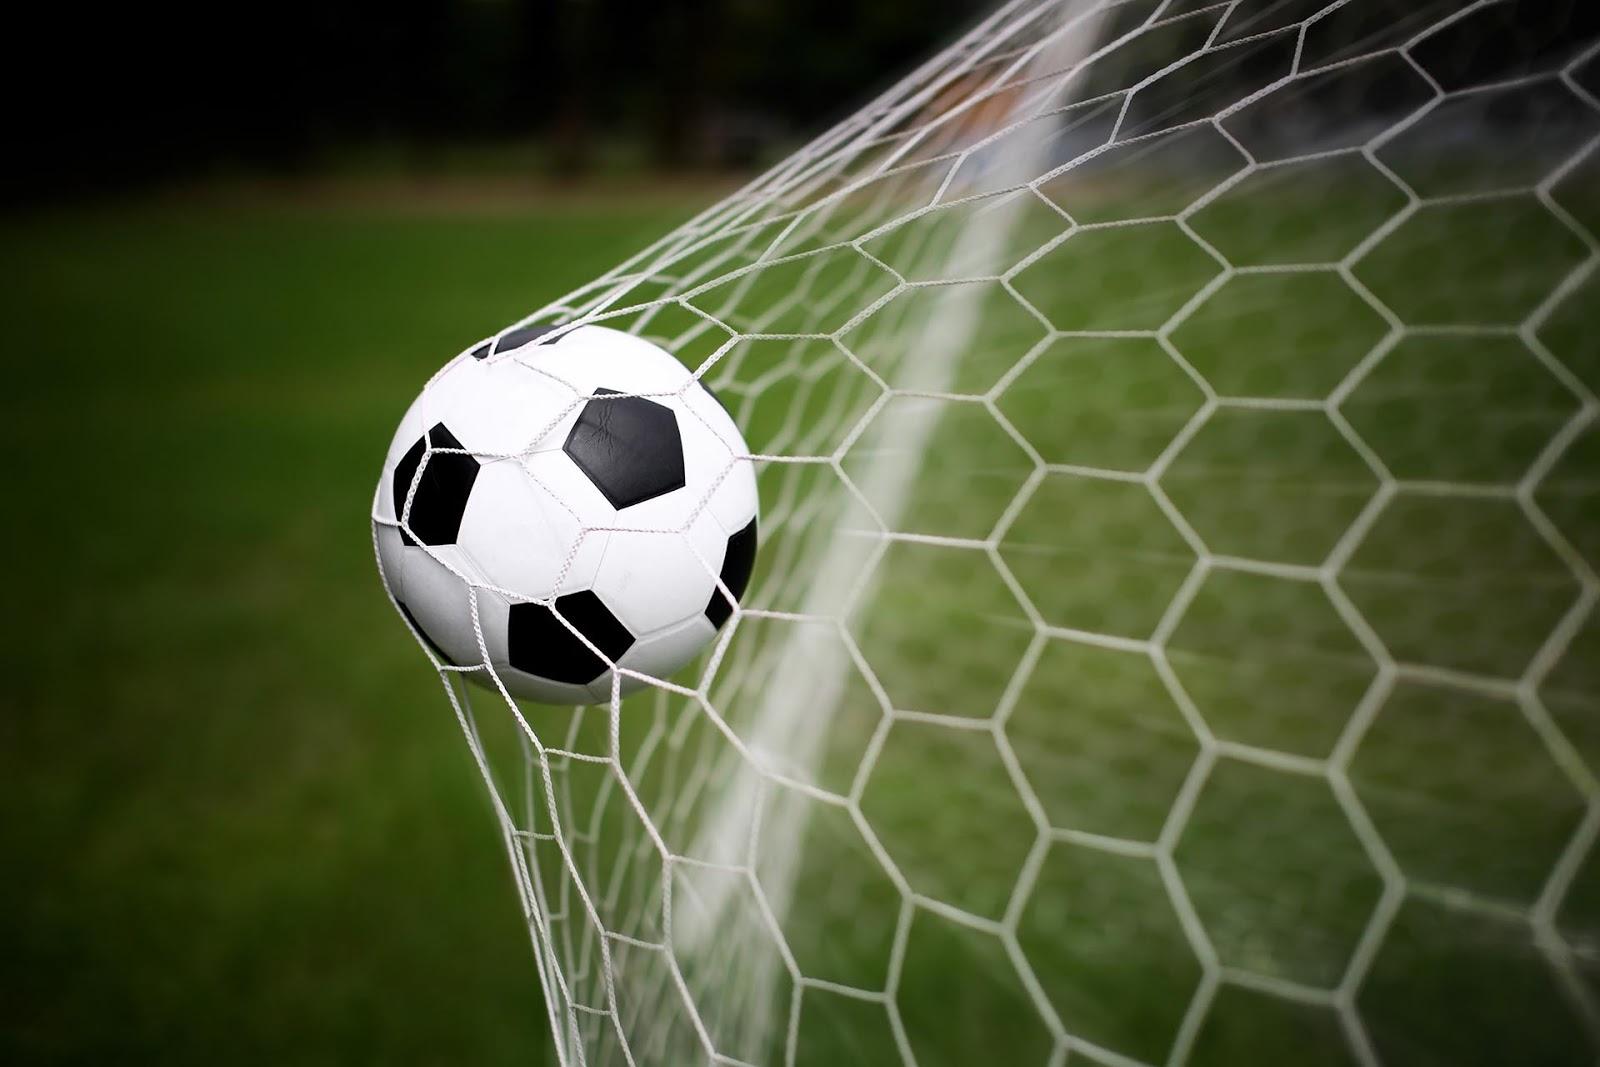 Τα αποτελέσματα και η βαθμολογία των αγώνων της Α και Β Κατηγορίας Ποδοσφαίρου